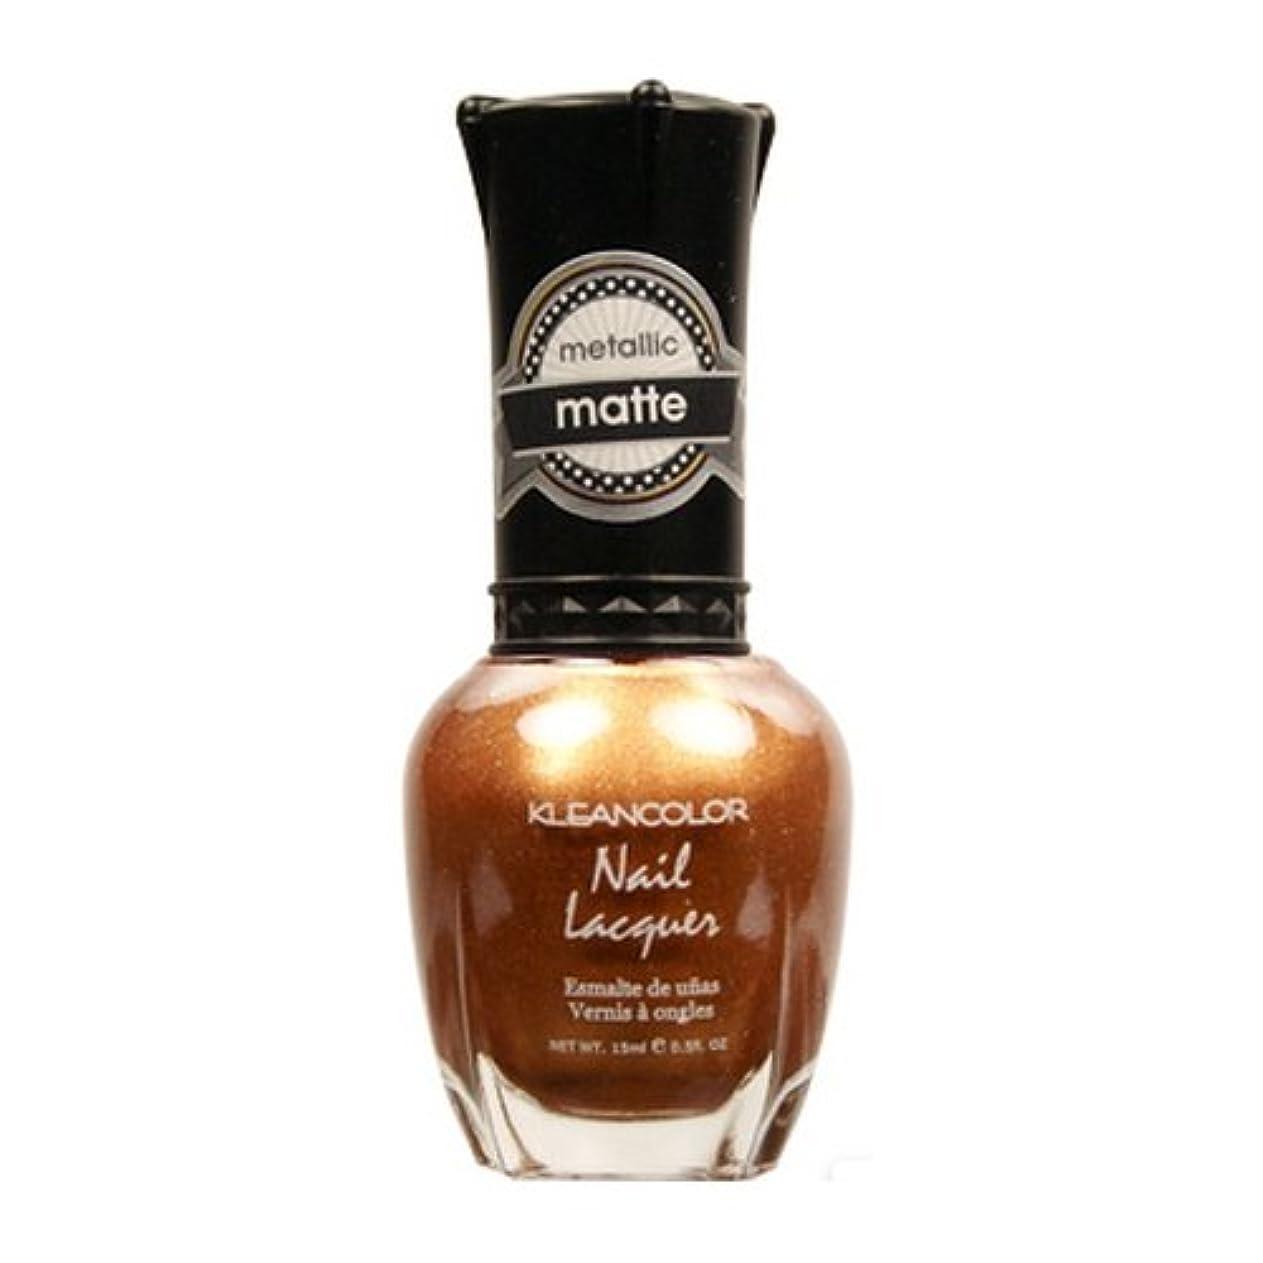 ヒロインカート切手(3 Pack) KLEANCOLOR Matte Nail Lacquer - Life in Gold Castle (並行輸入品)